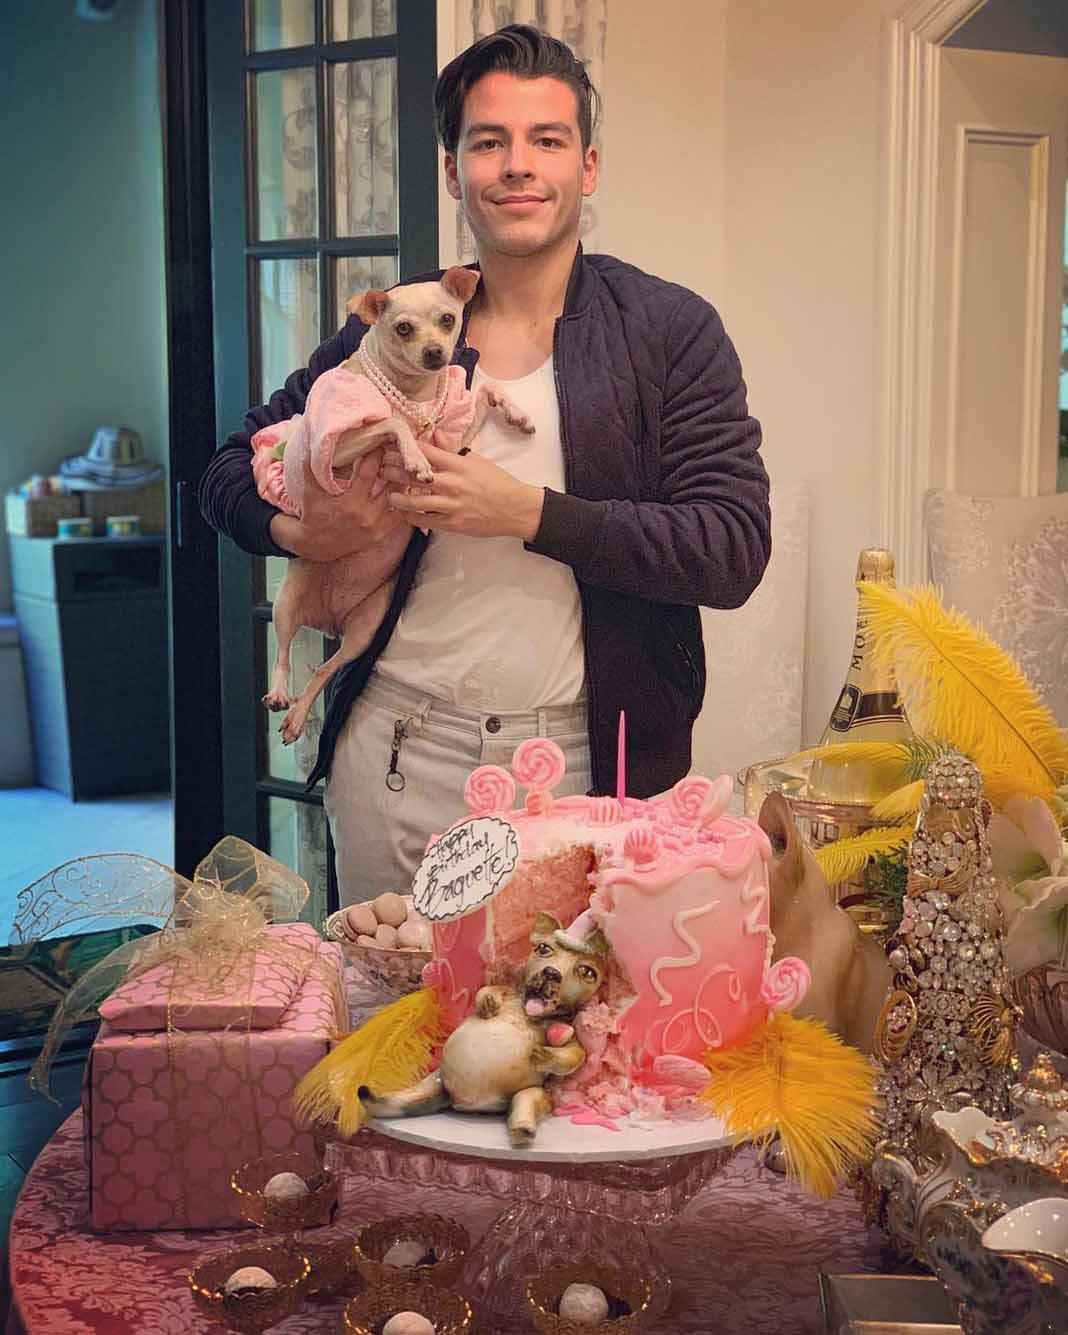 Manolo adora a su perra, que por cierto cumplió 5 años de edad